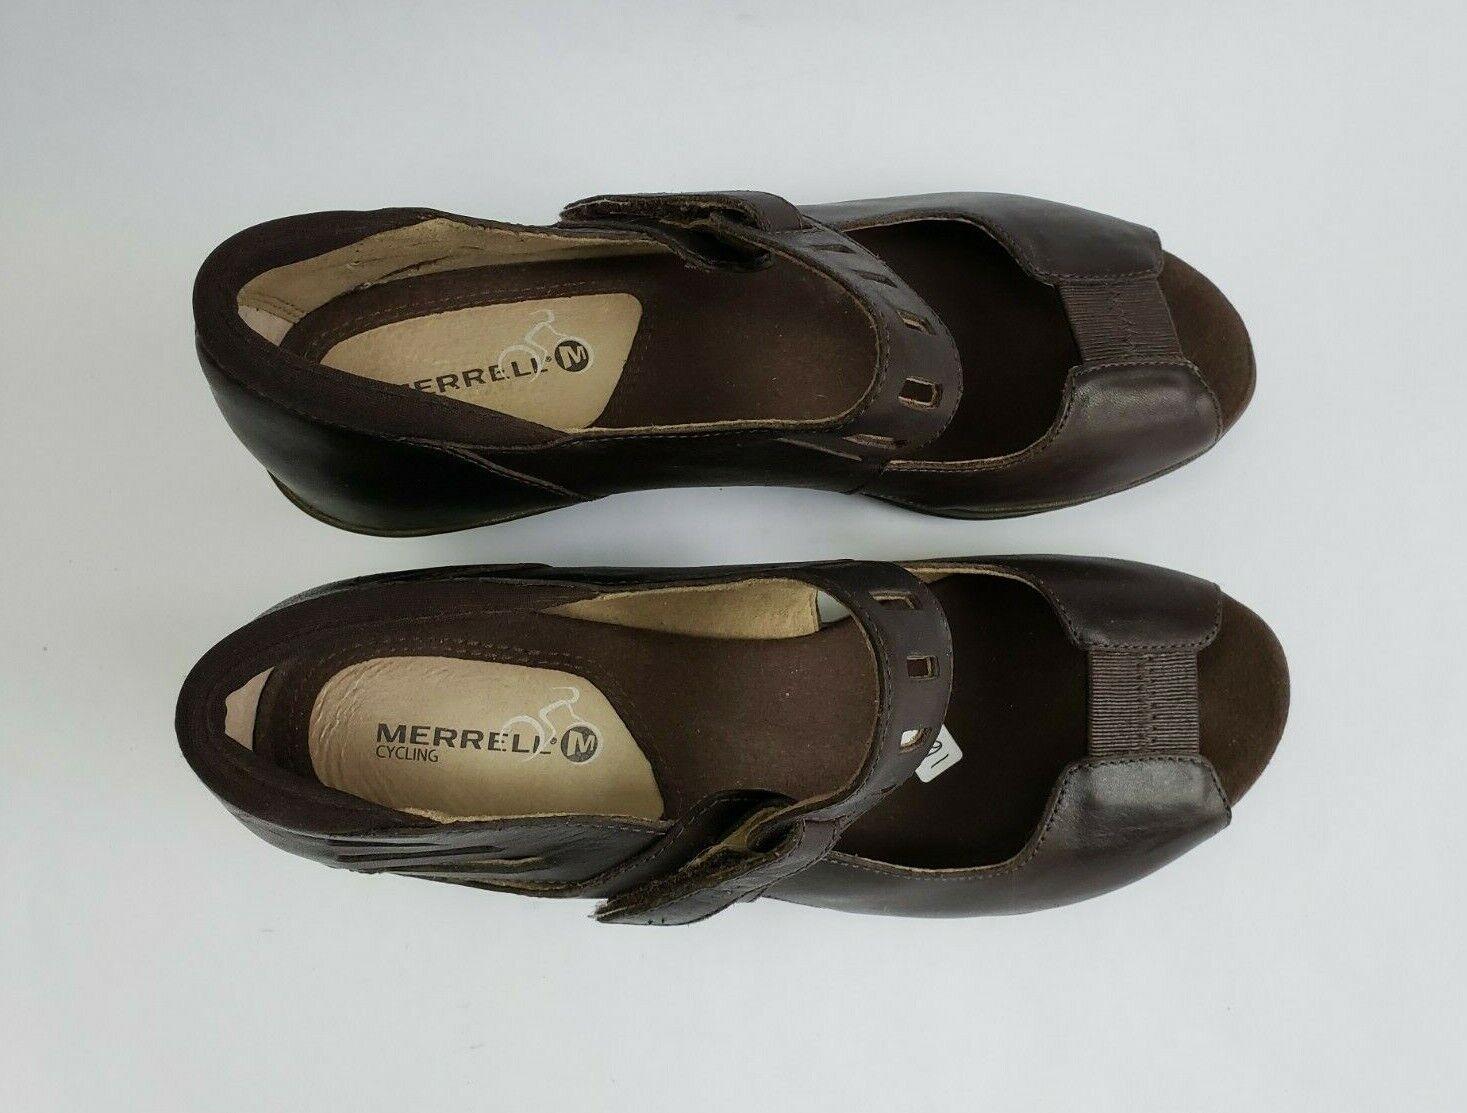 Merrell schuhe braun braun braun Heels Peep Toe Mary Jane Cut Out damen Größe US 8 EU 39 26762d